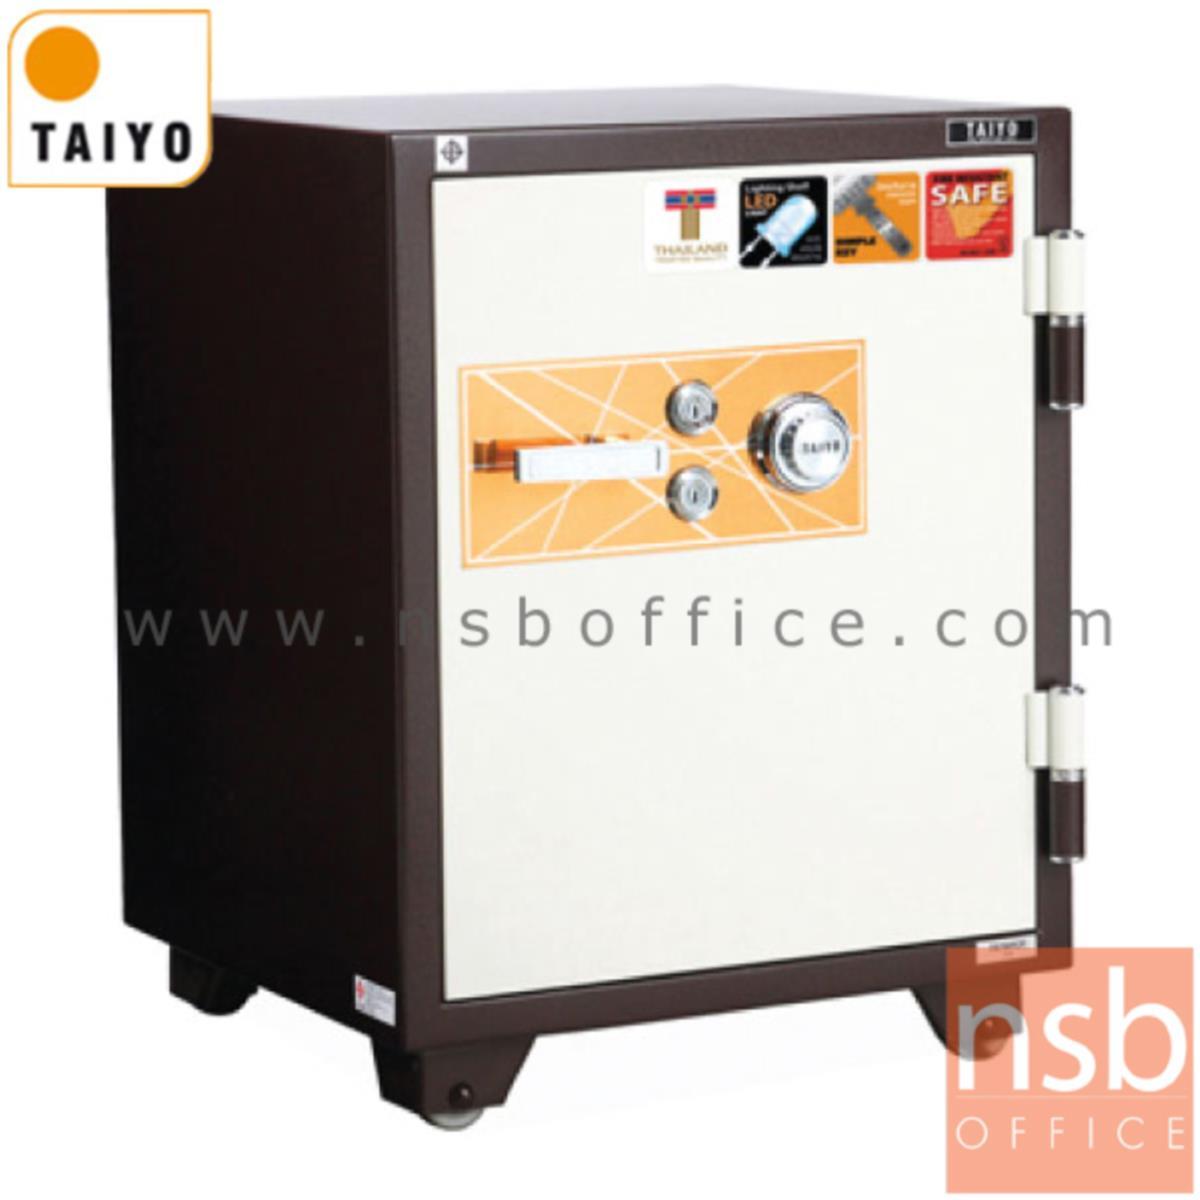 ตู้เซฟ TAIYO รุ่น 150 กก. 2 กุญแจ 1 รหัส (TS760K2C-30)